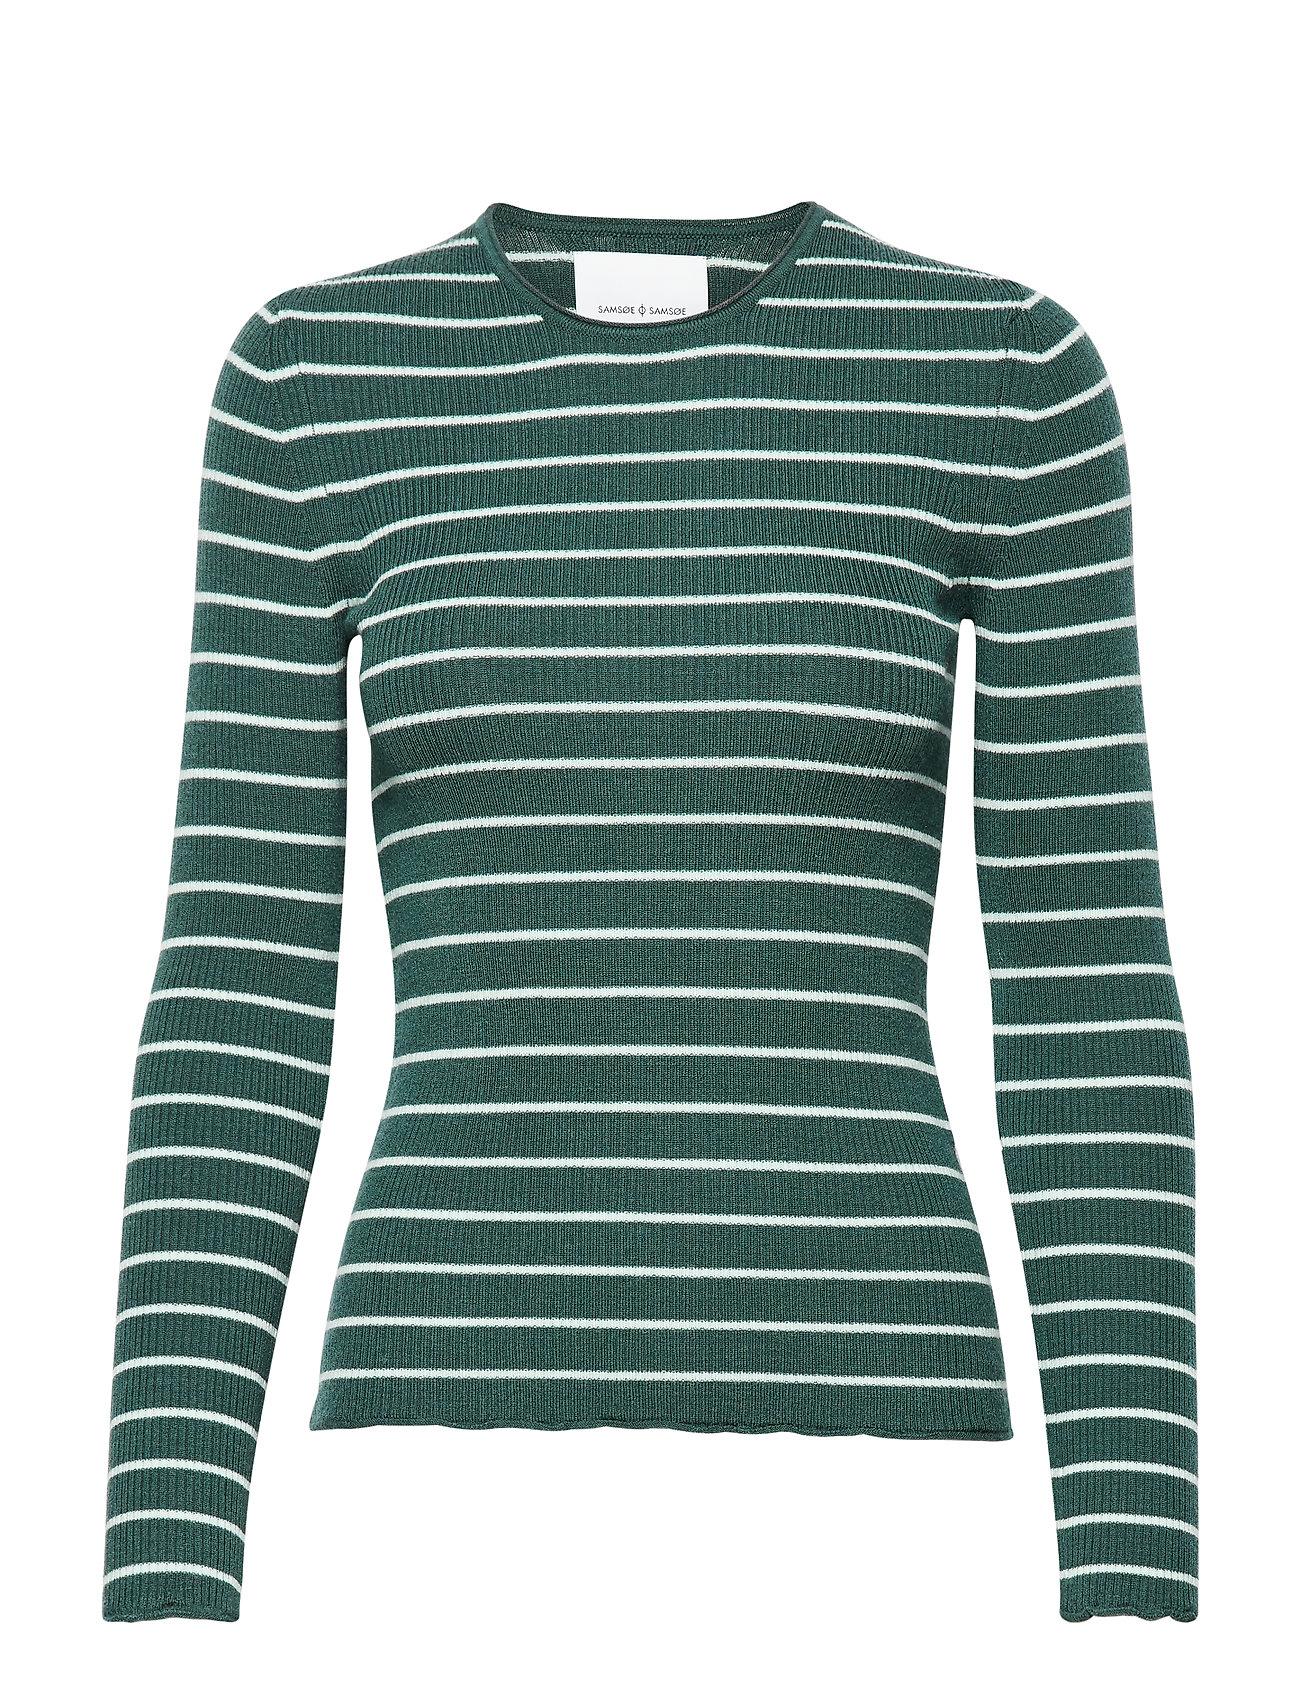 Teri Crew Neck St 11201 Langærmet T shirt Grøn Samsøe Samsøe